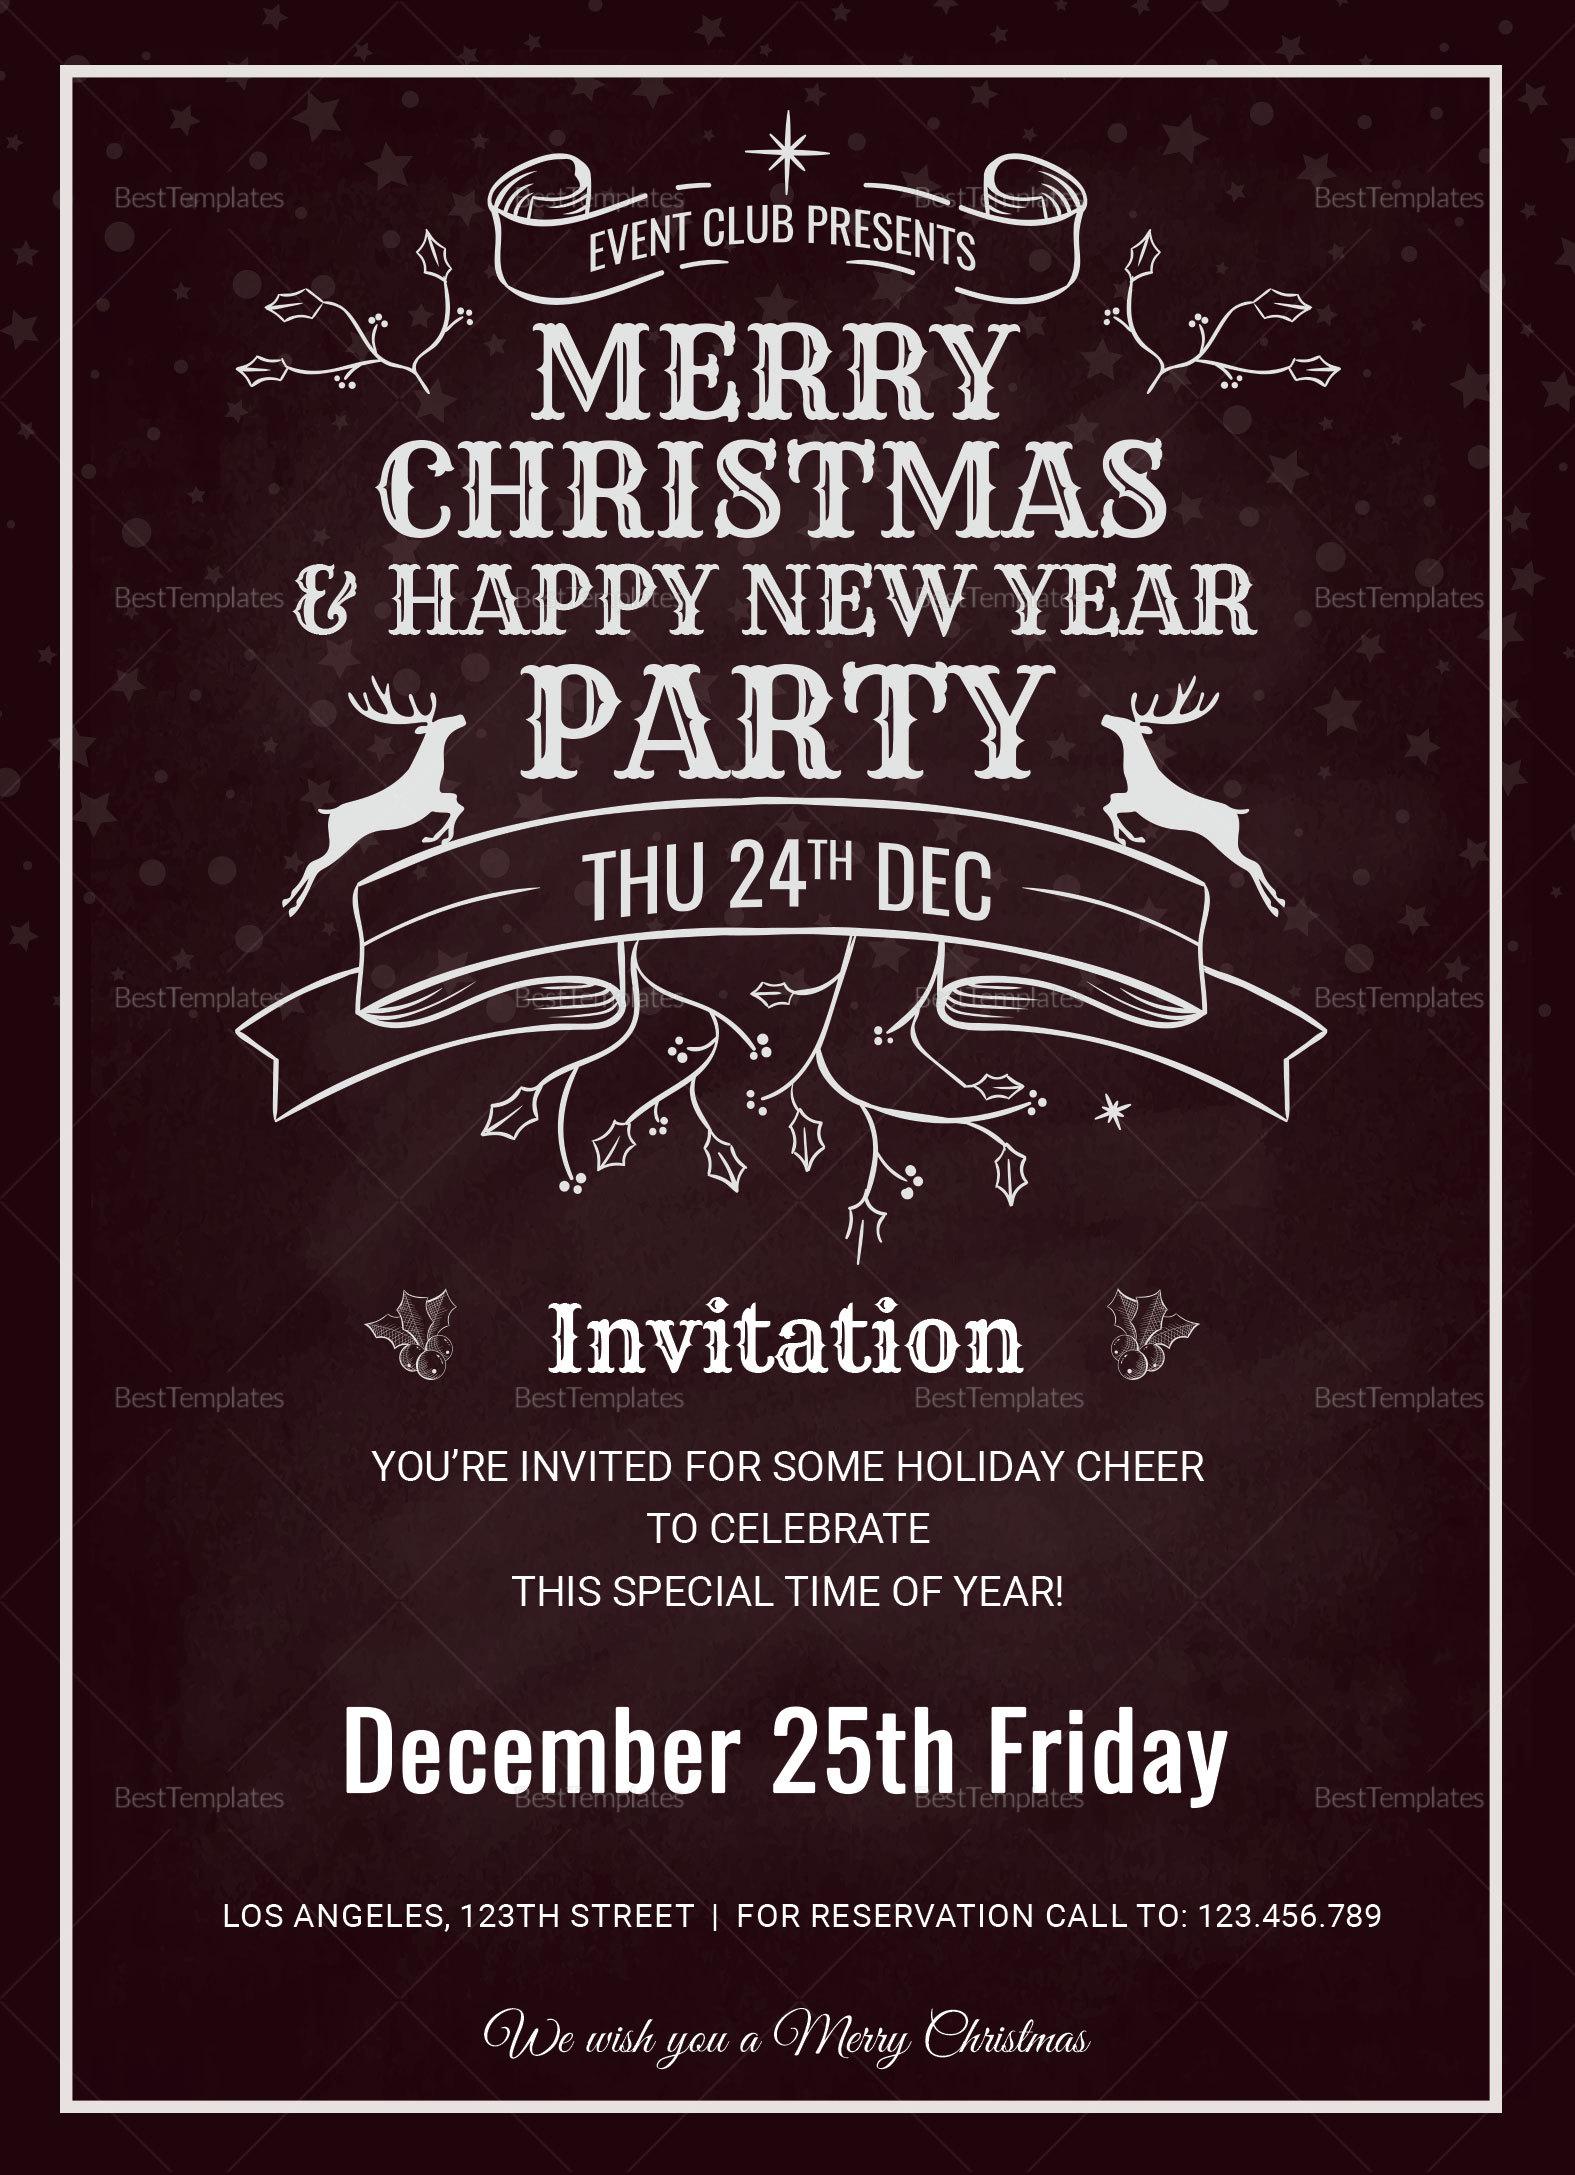 Printable Christmas Holiday Invitation Card